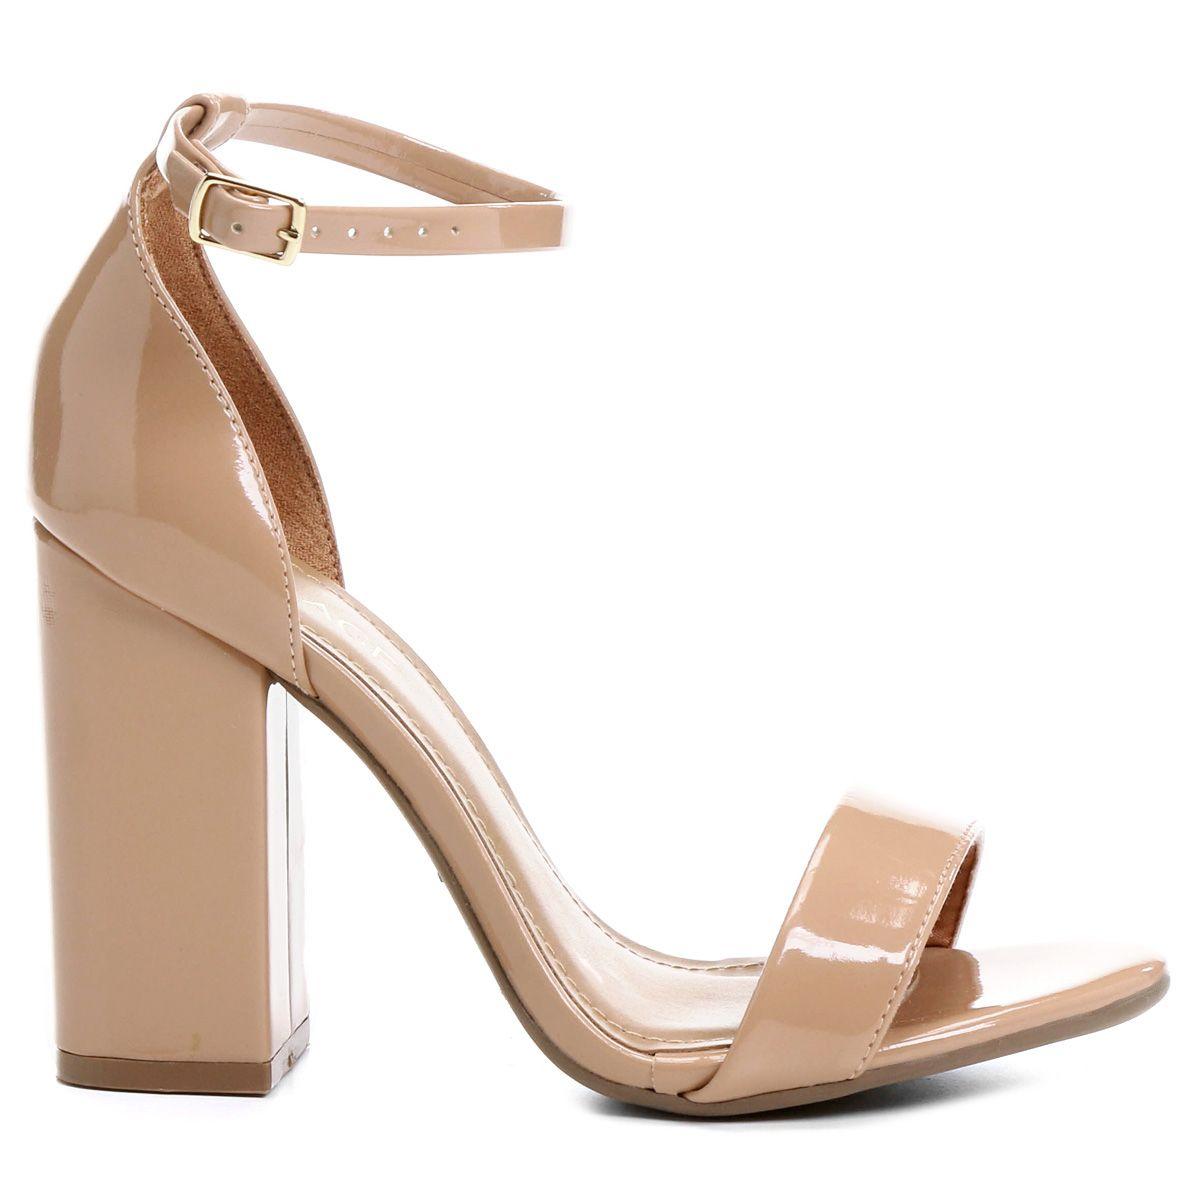 410fccc5a7 Compre Sandália Mixage Tira Salto Grosso Bege na Zattini a nova loja de  moda online da Netshoes. Encontre Sapatos